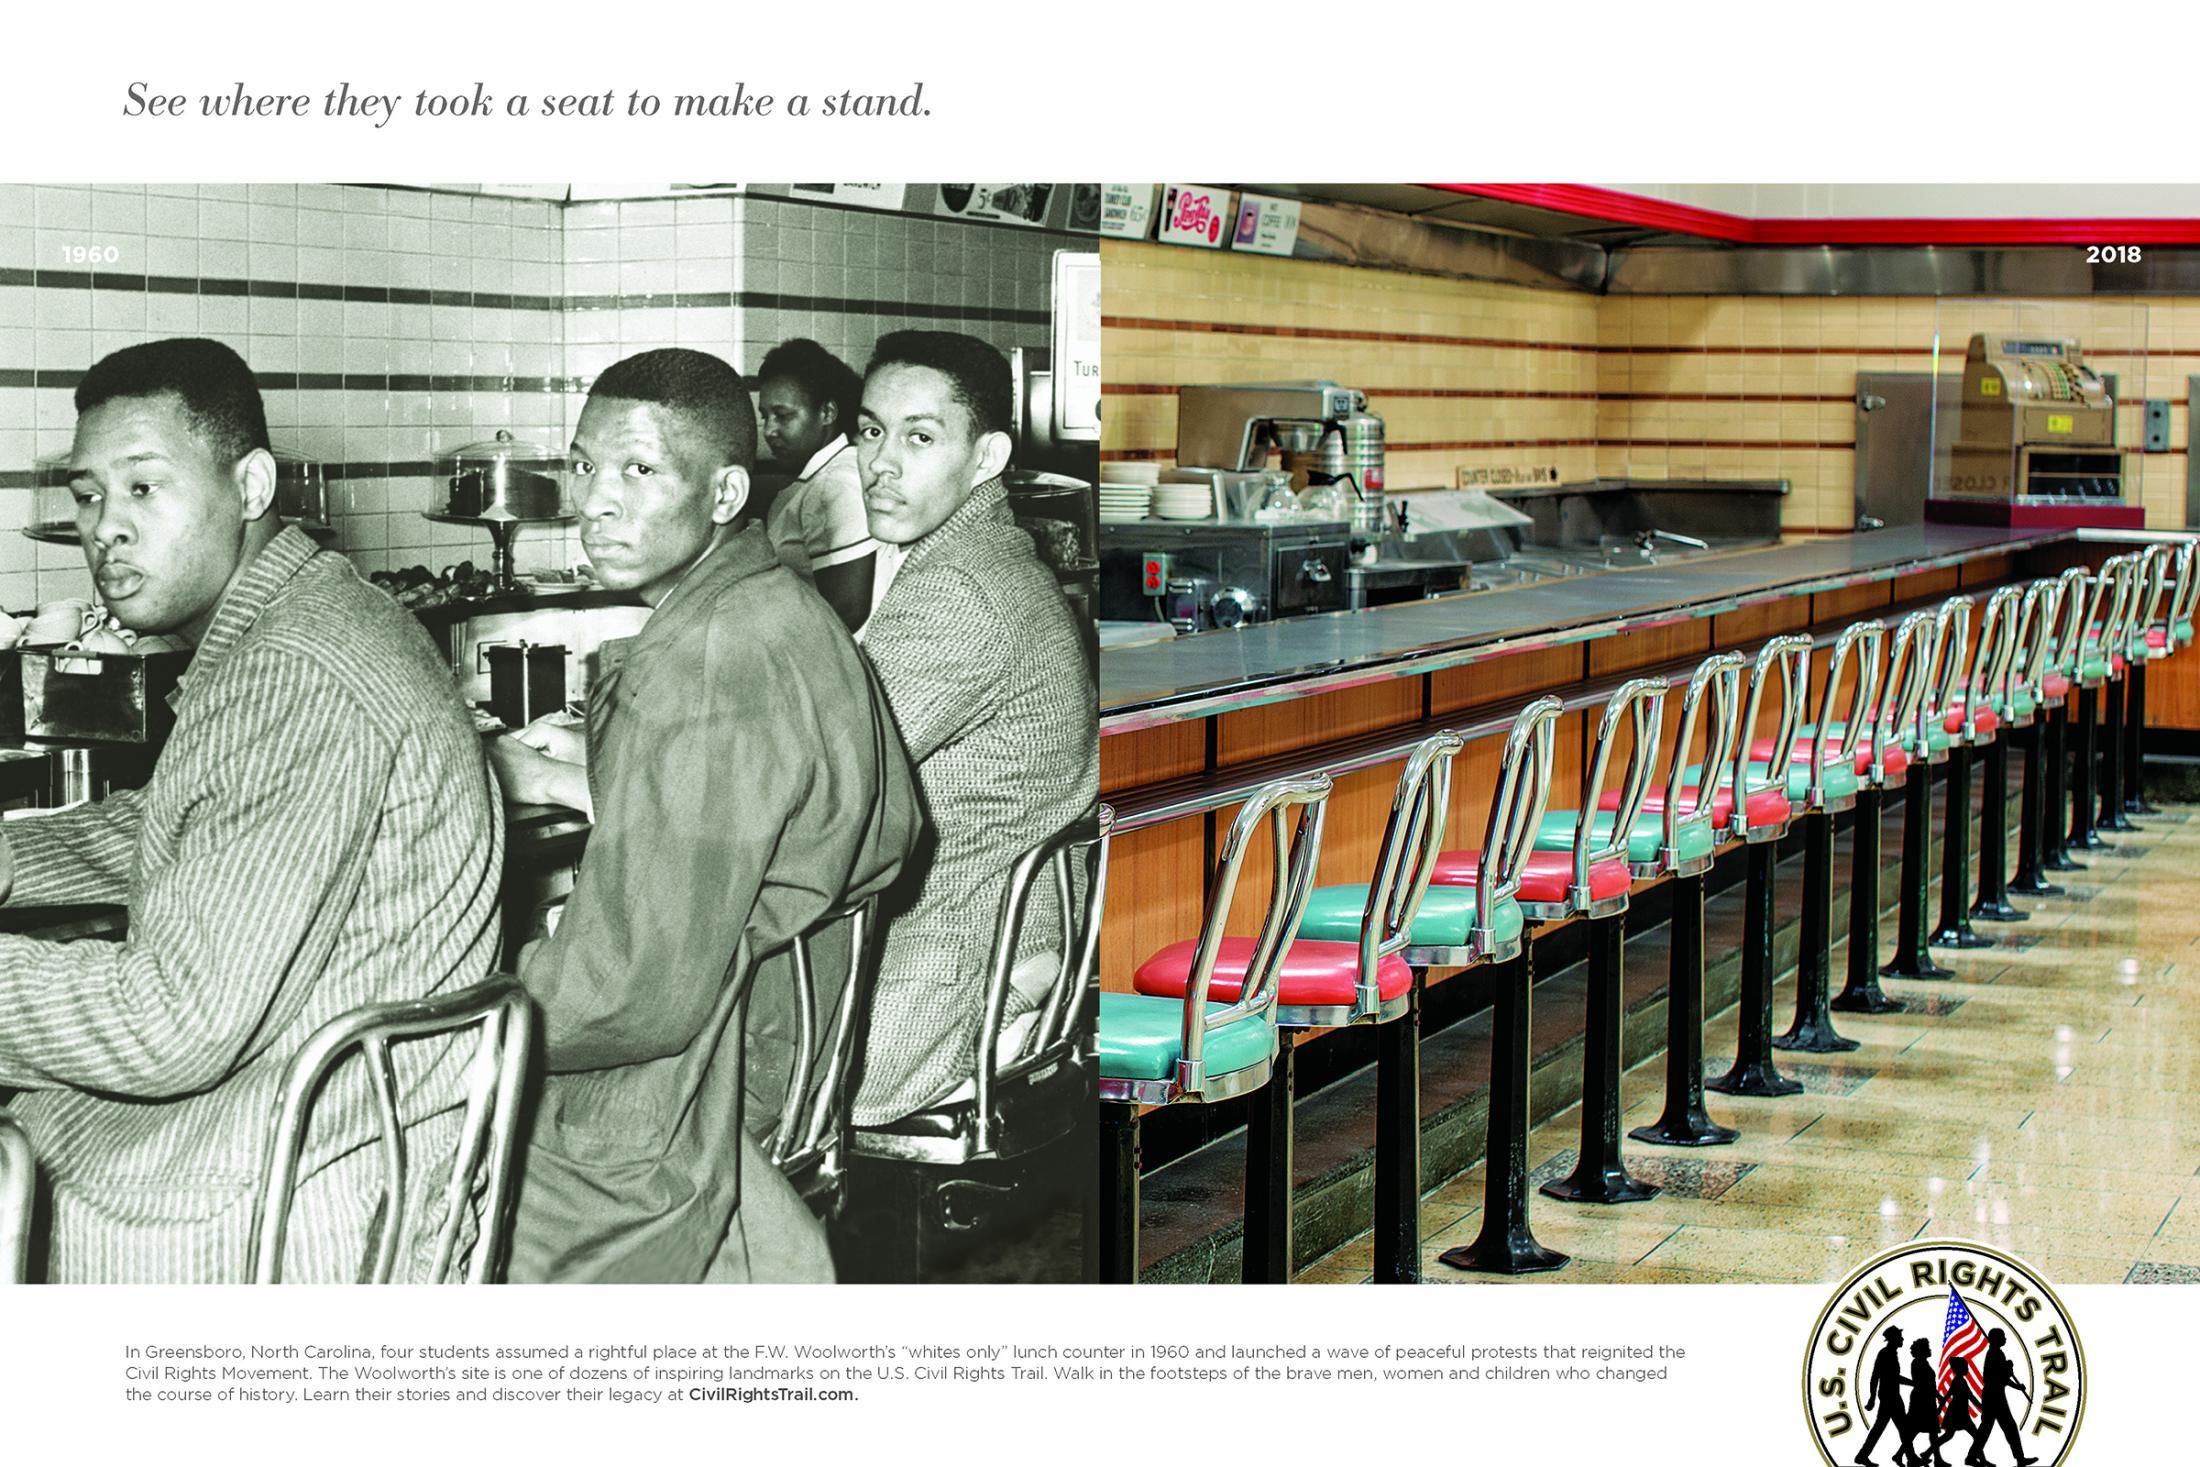 U.S. Civil Rights Trail Print Ad - Greensboro Four